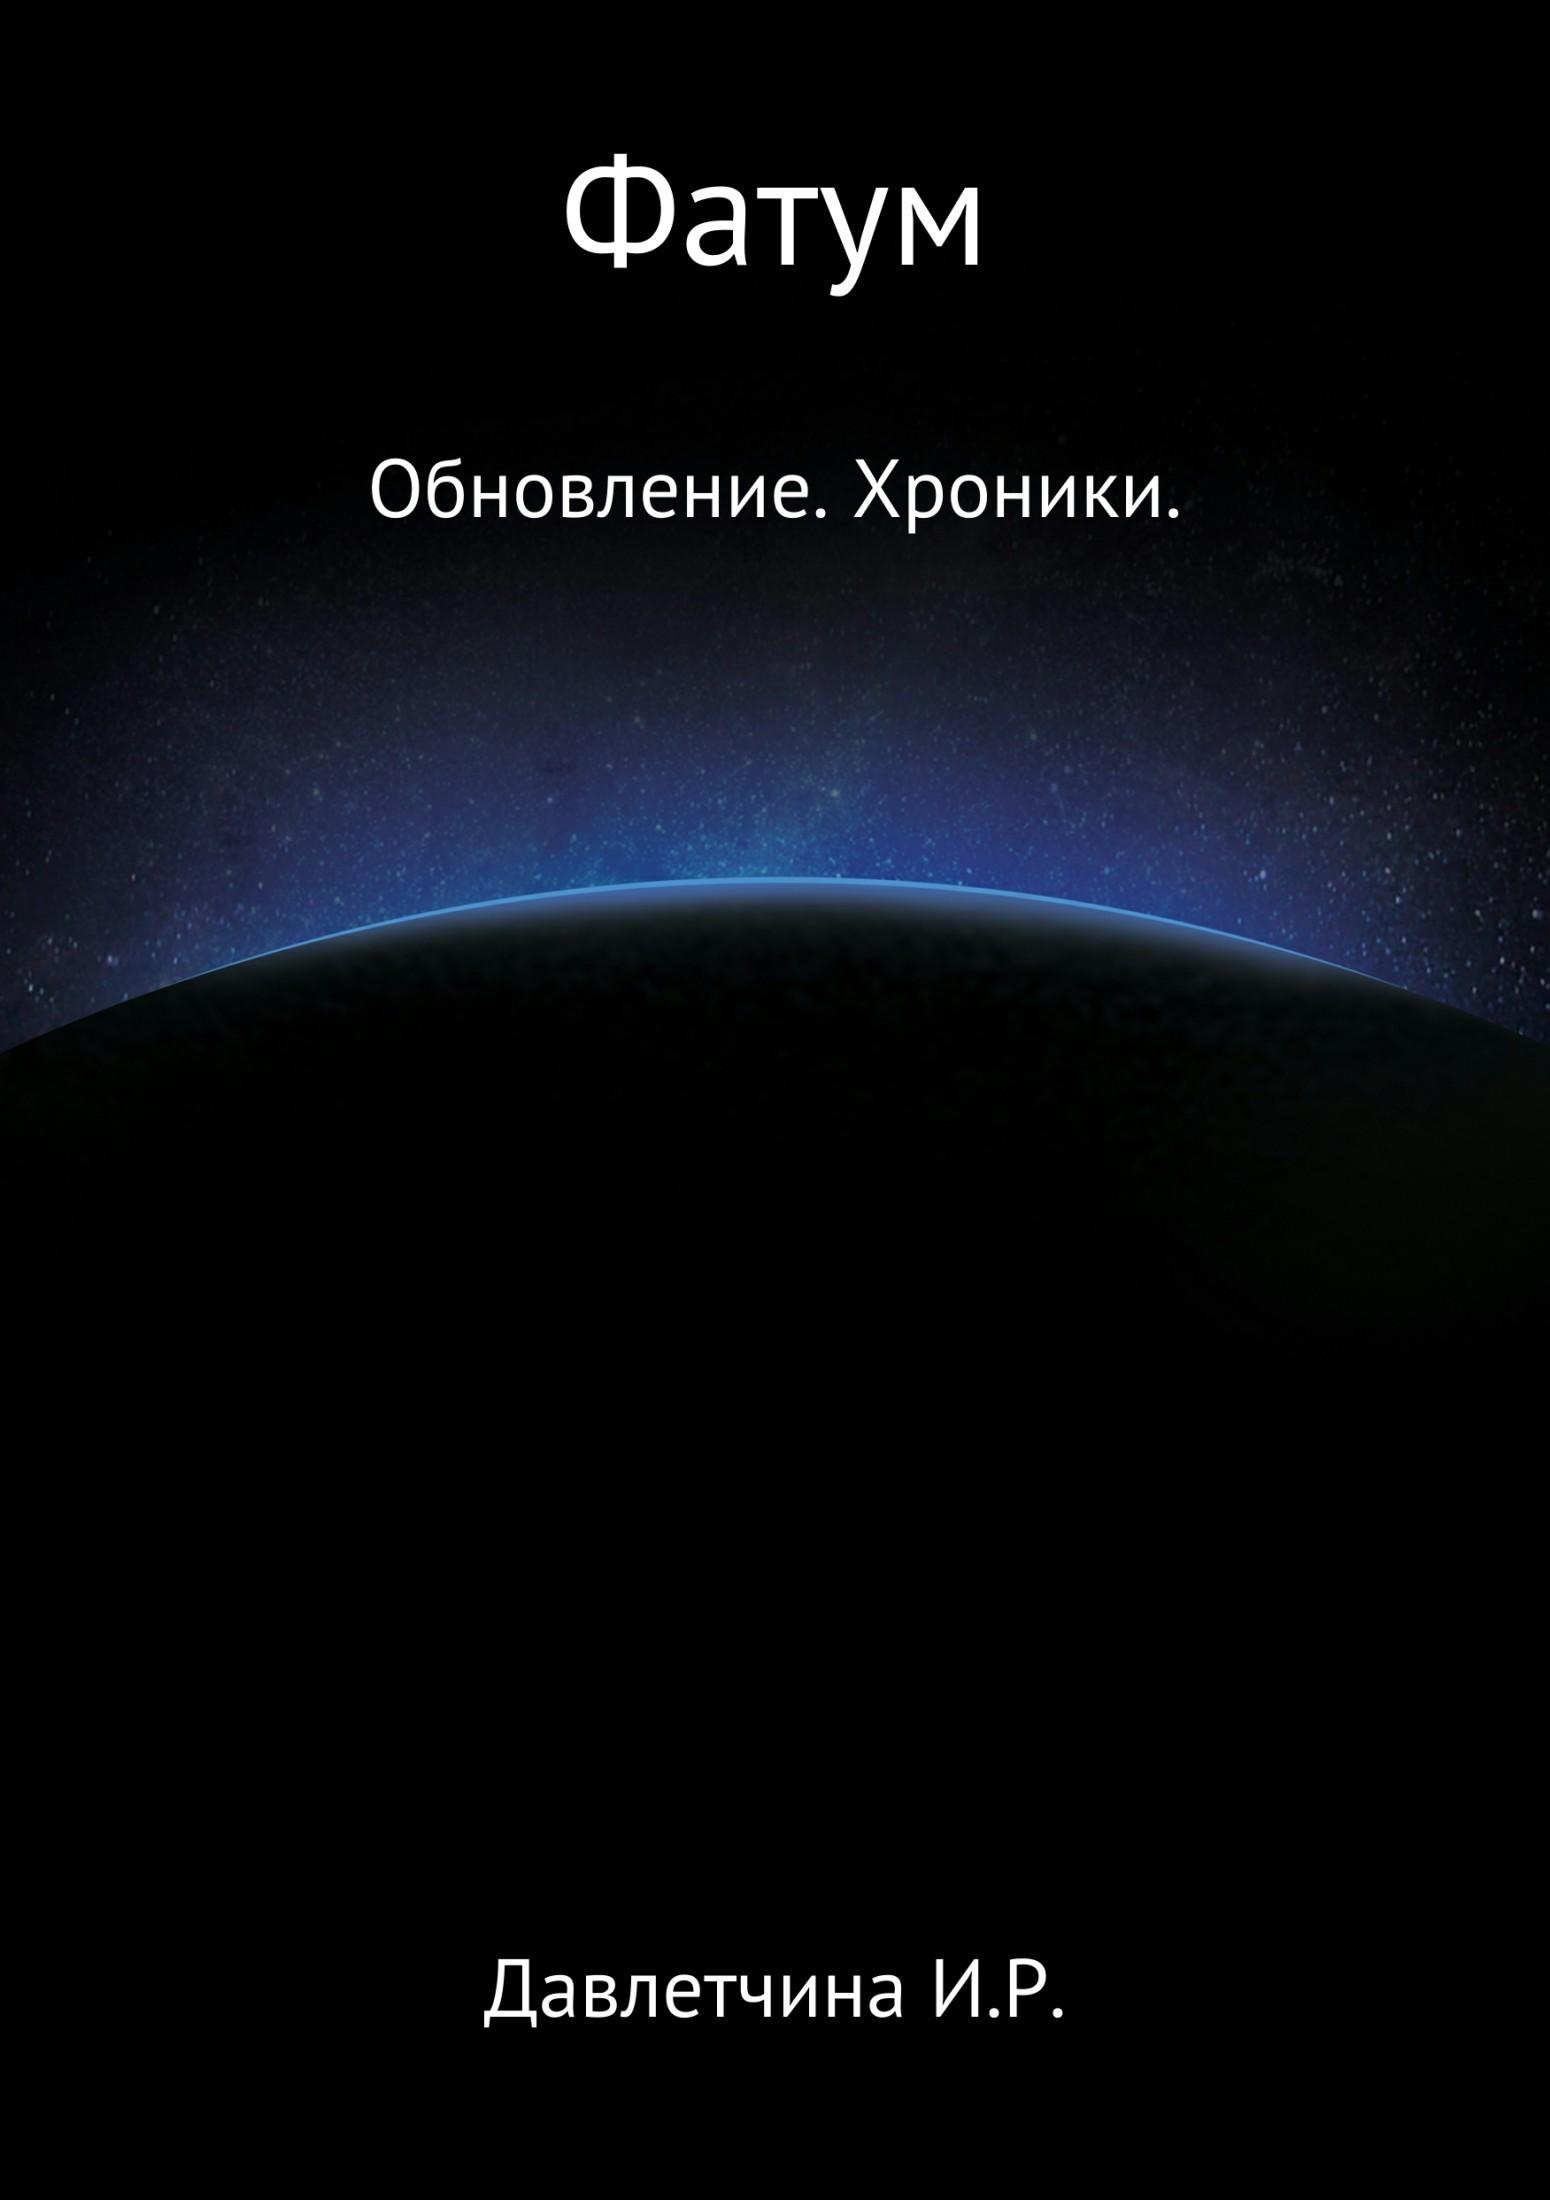 Ирина Давлетчина - Фатум